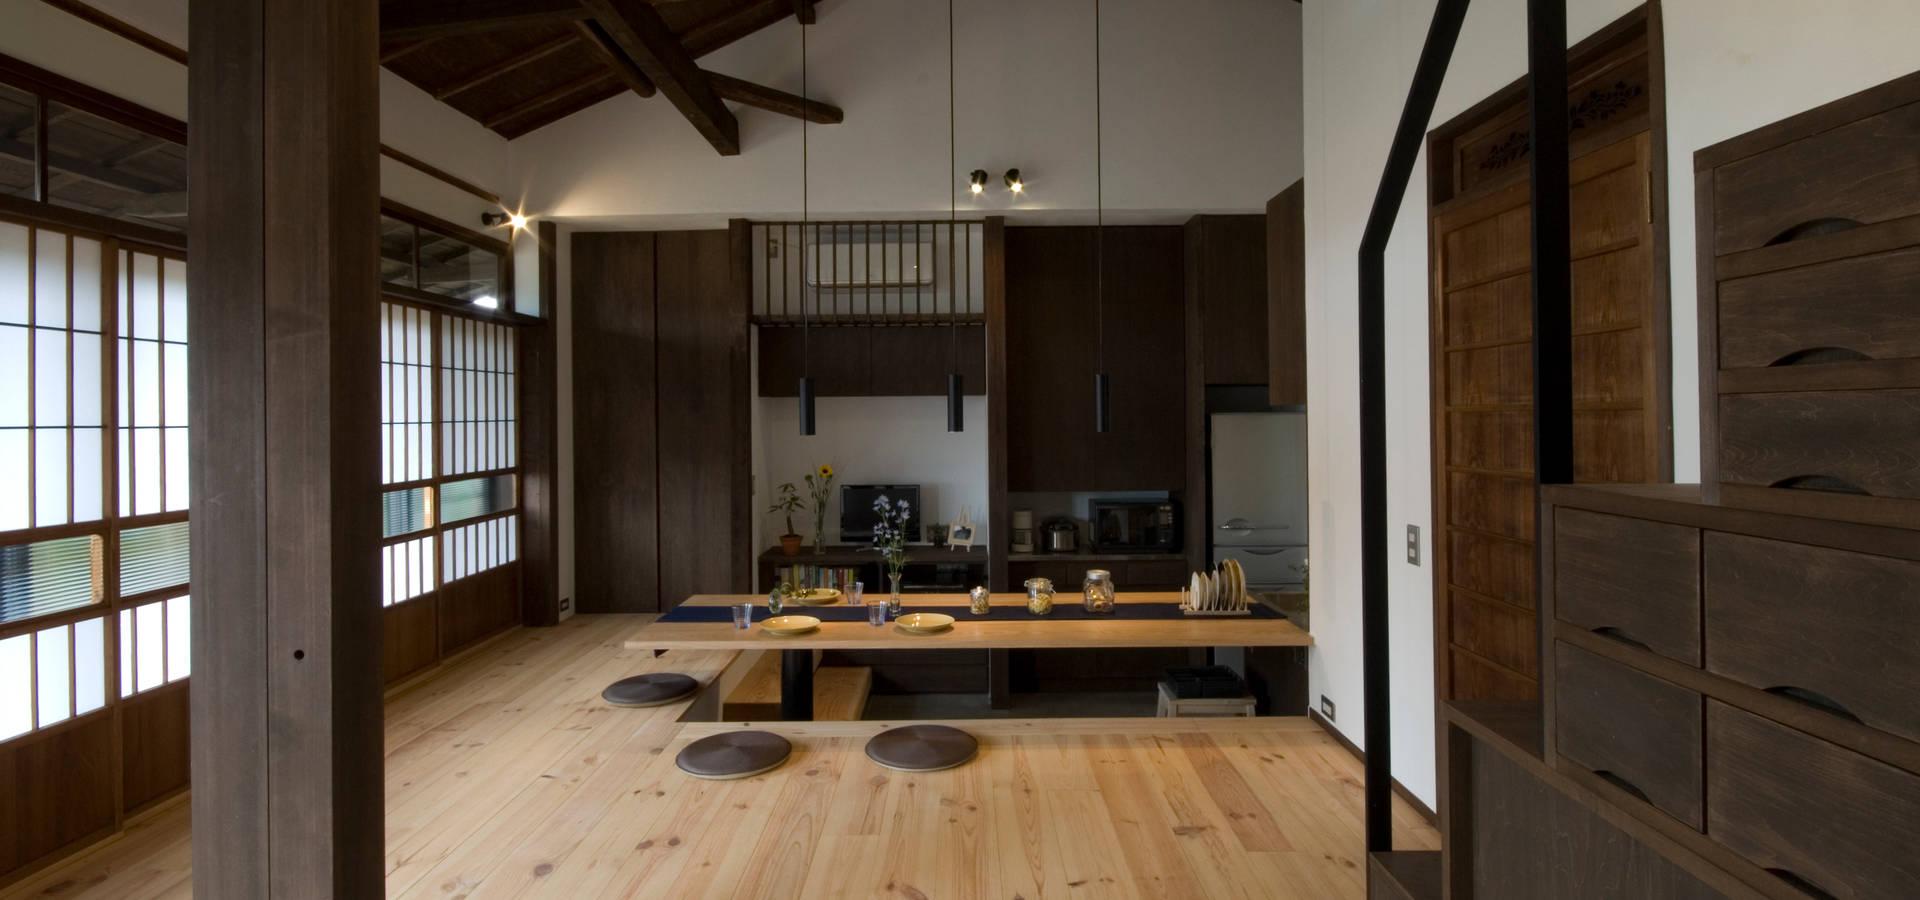 森村厚建築設計事務所